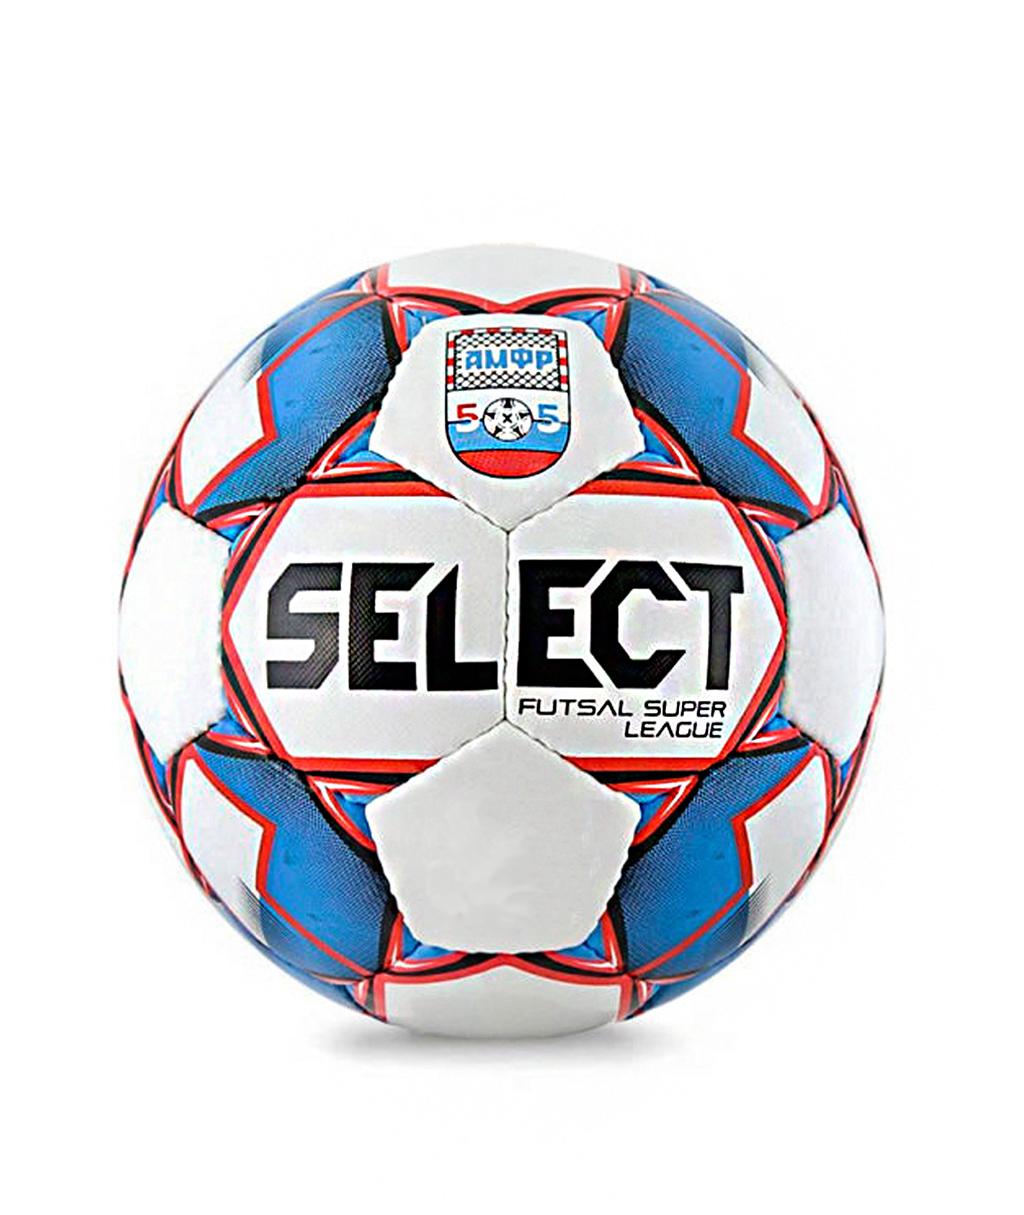 Мяч Select Futsal Super League Replica АМФР РФС (4)